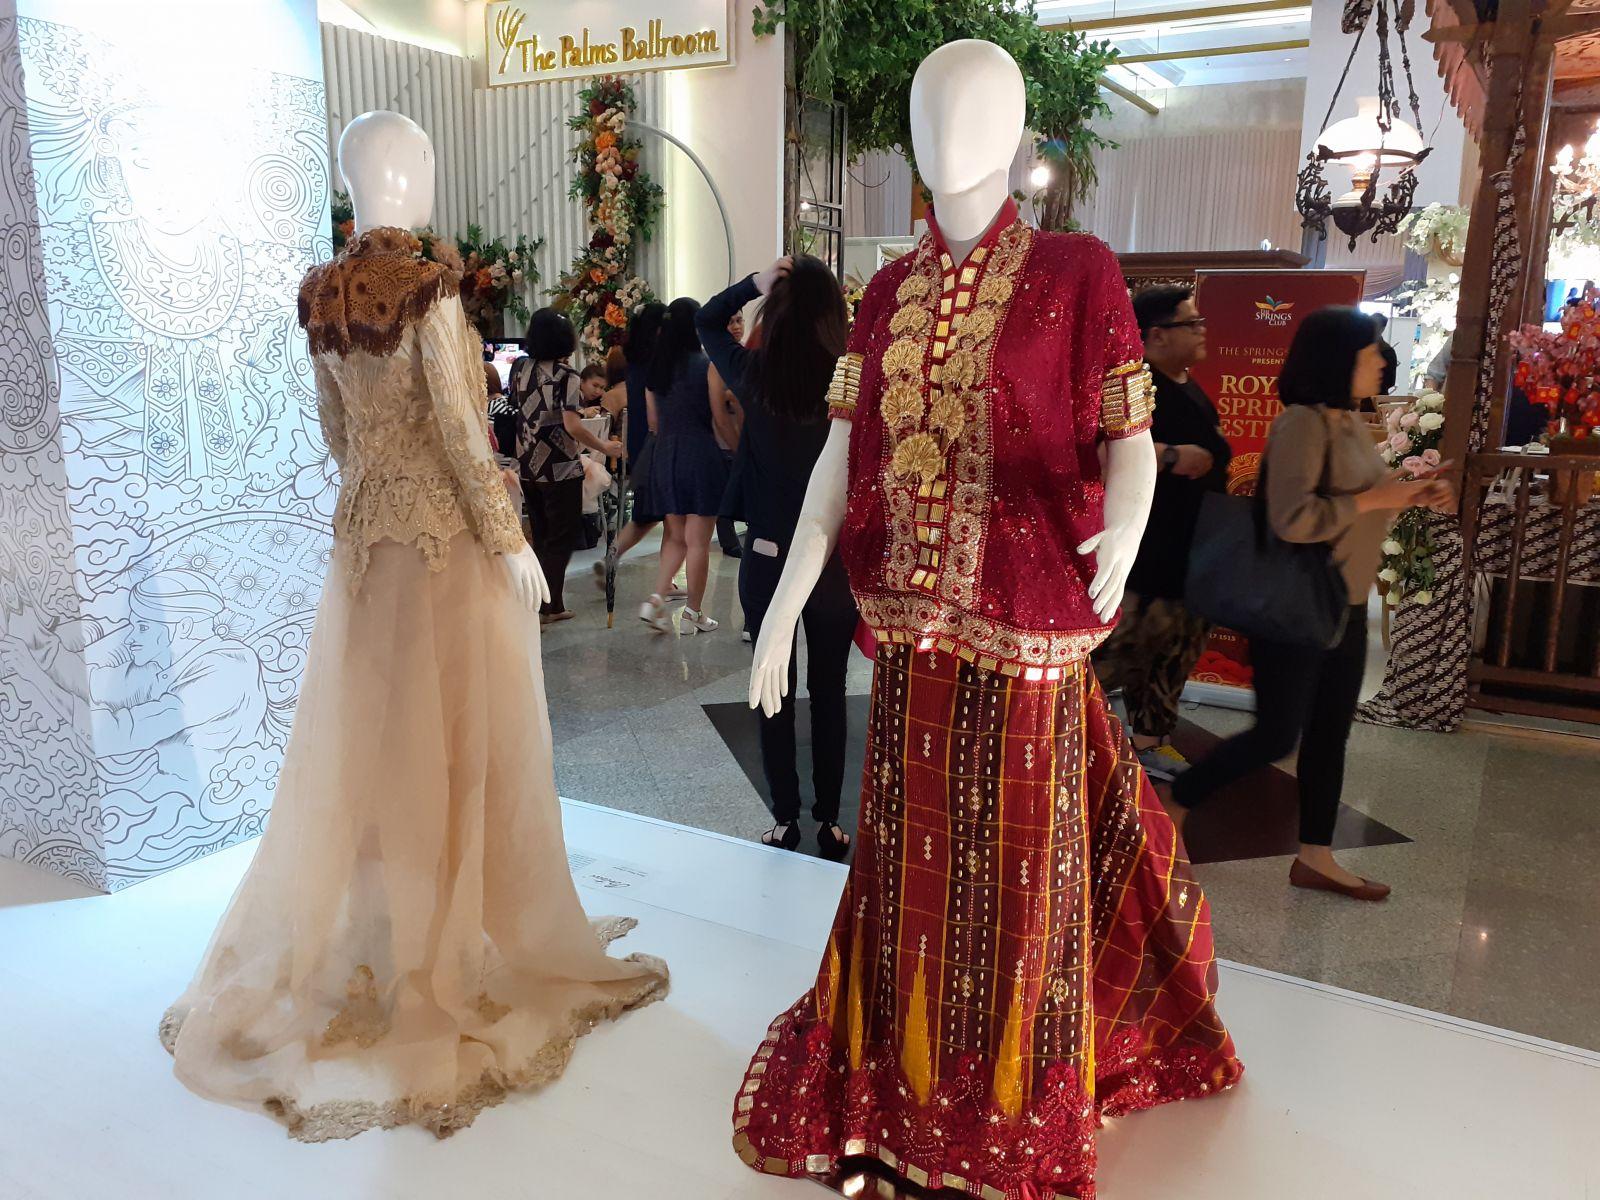 Perbedaan adat untuk konsep pernikahan, kenapa enggak? Foto: Andri Bagus Syaeful/Genpi.co